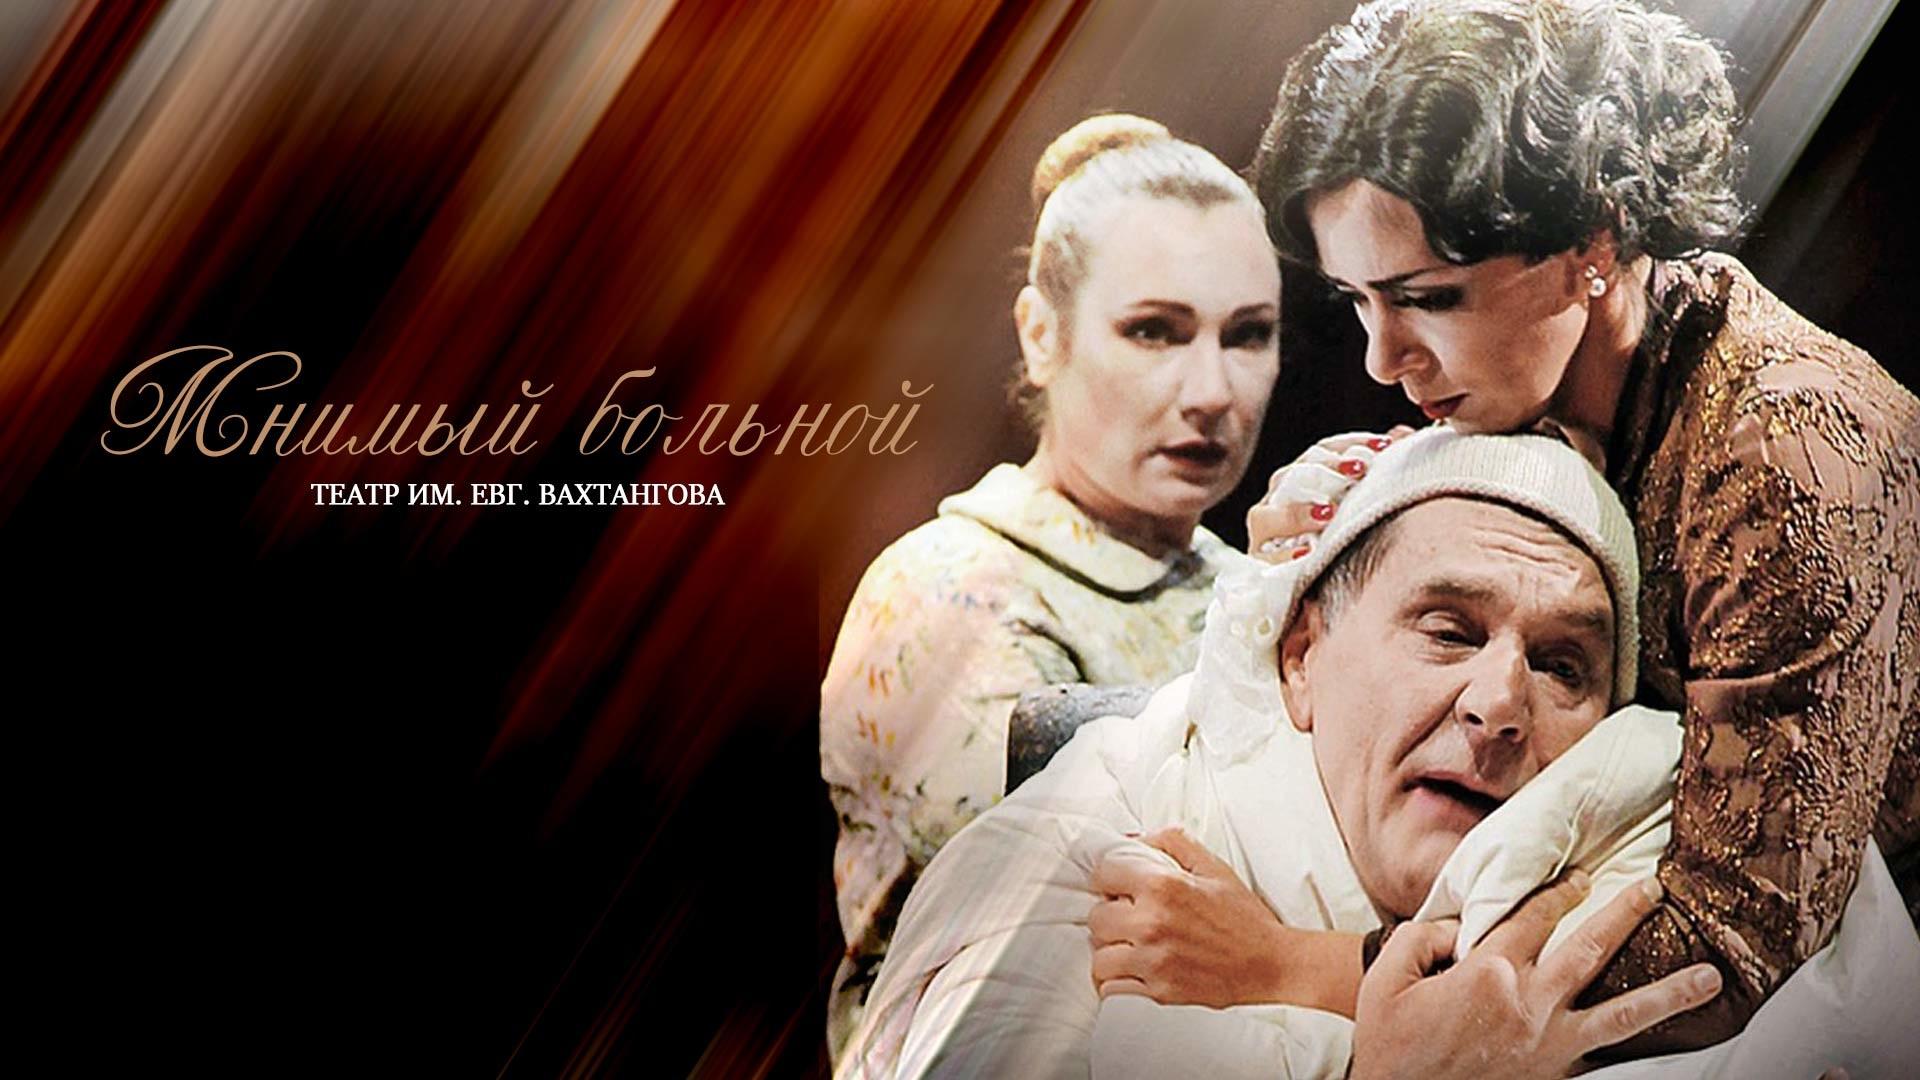 Мнимый больной (Театр им. Евг. Вахтангова)